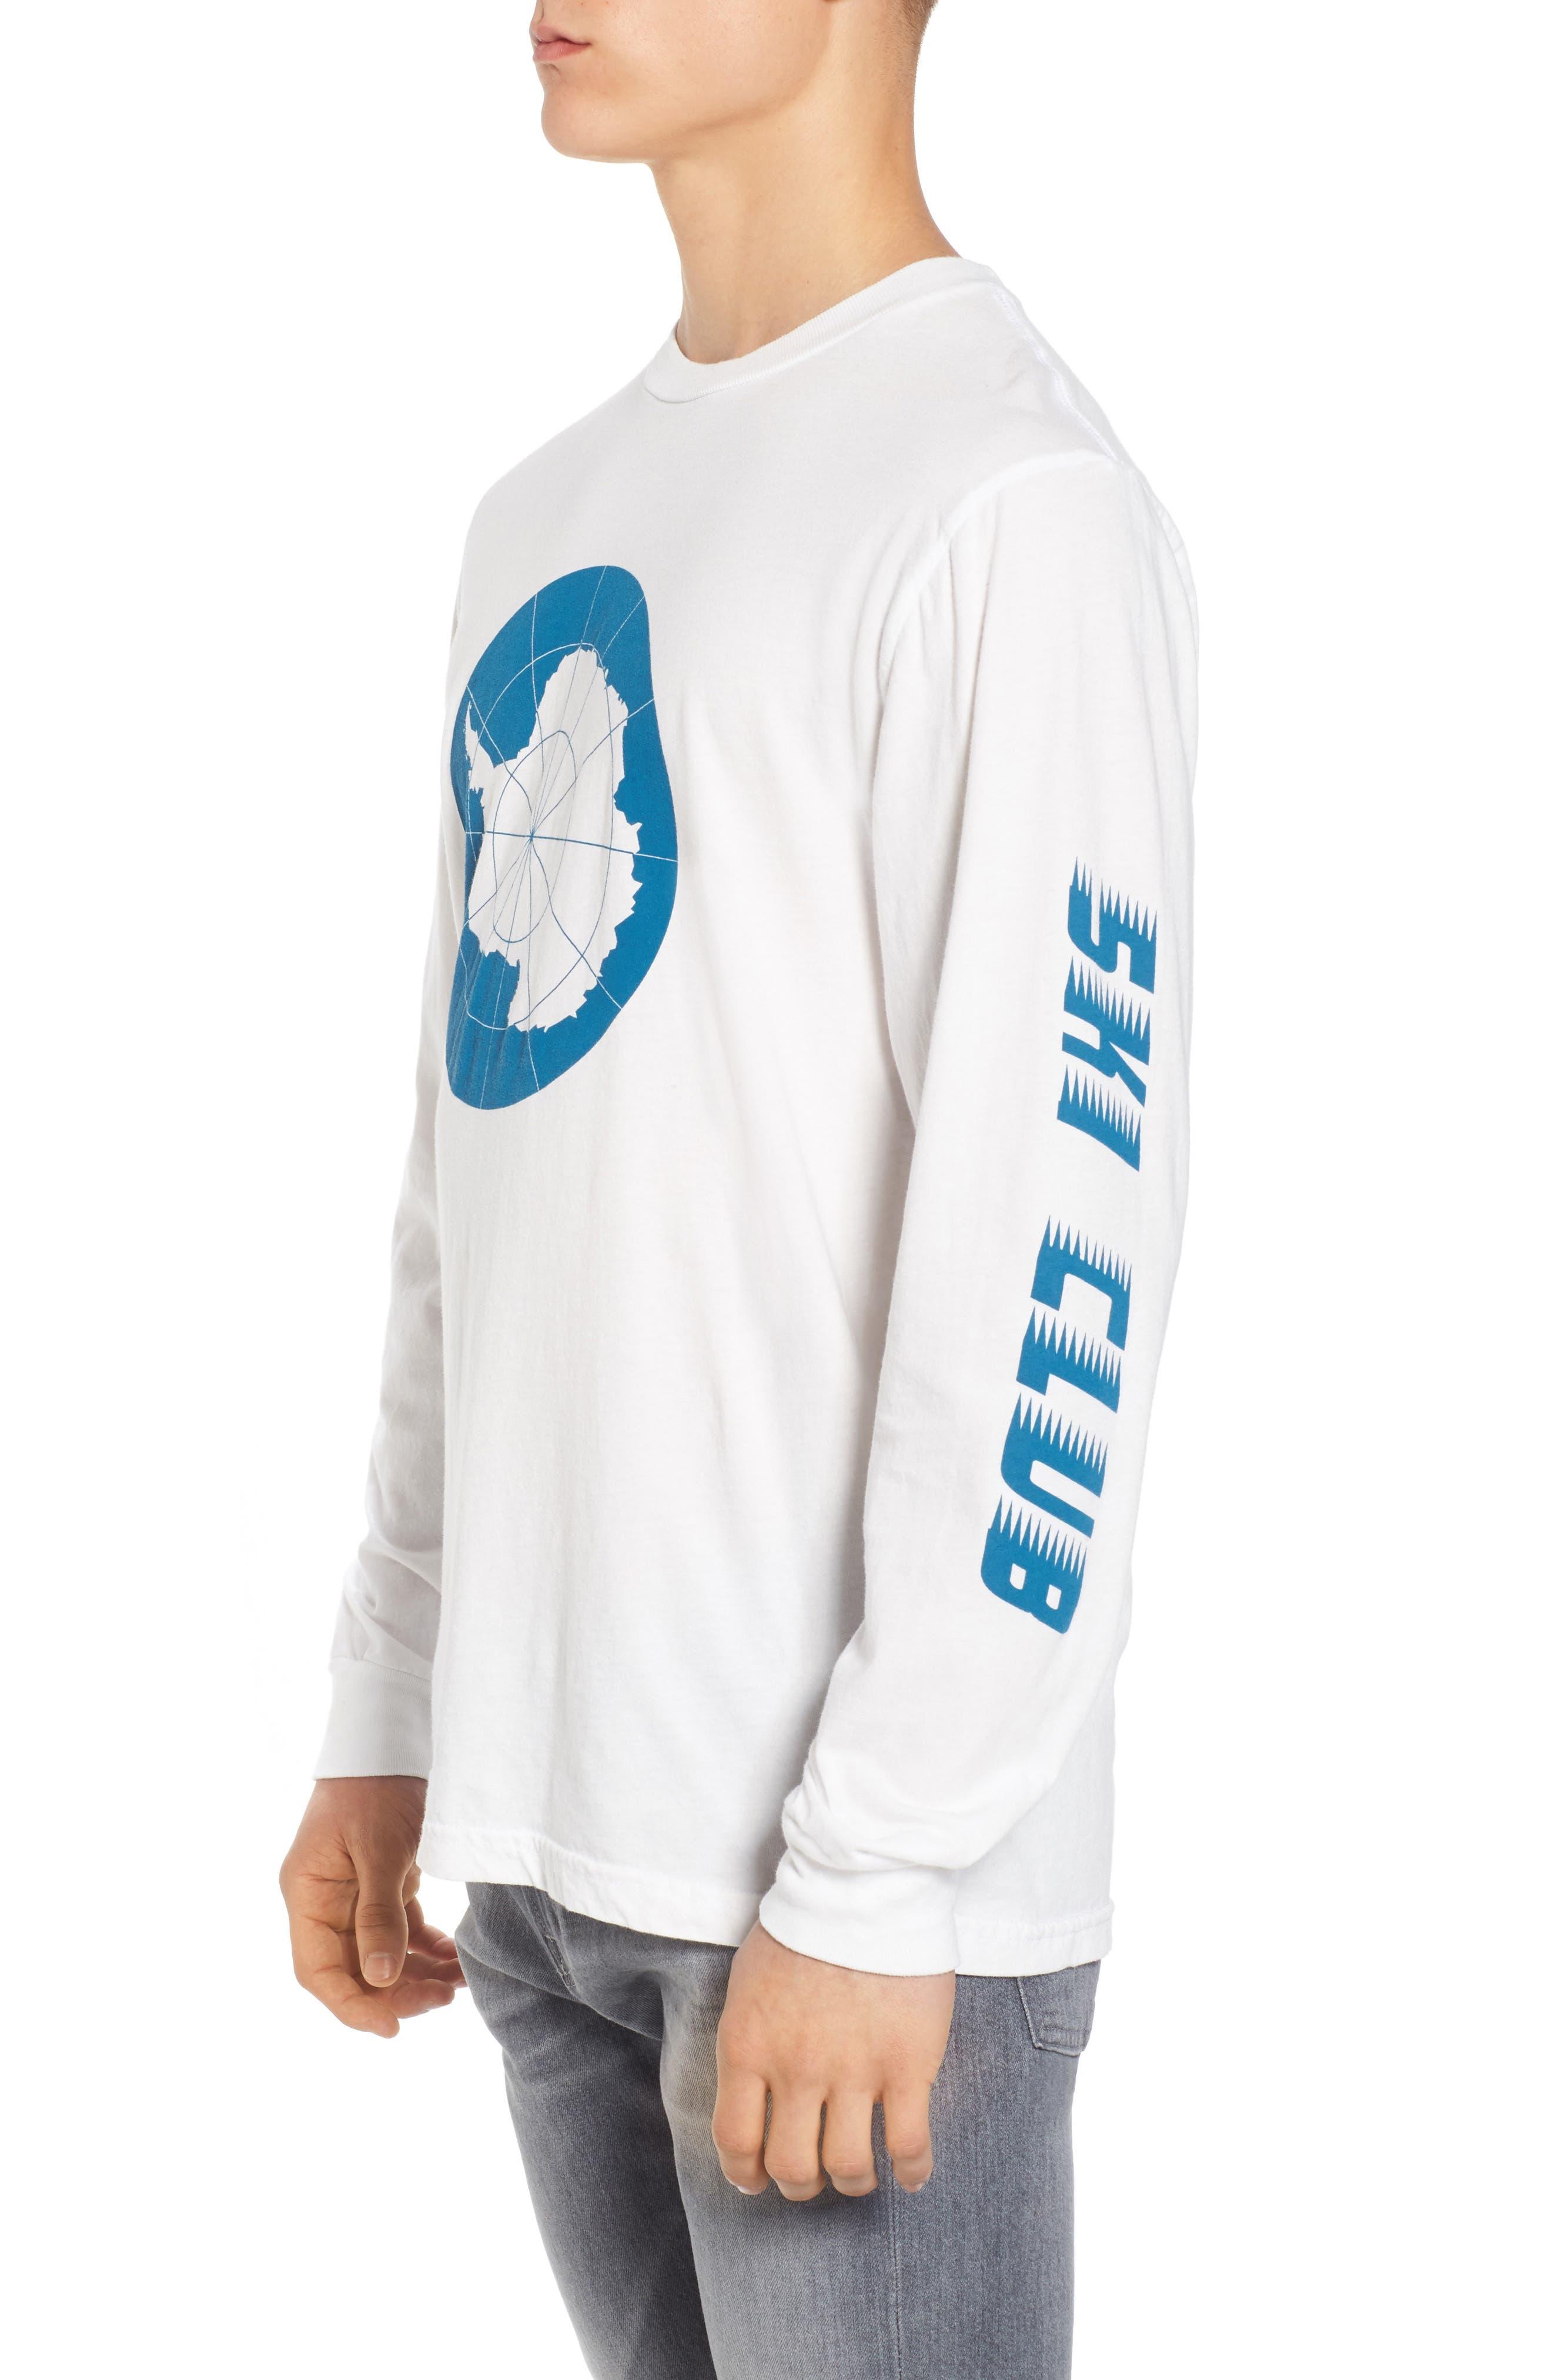 Arctic Ski Club T-Shirt,                             Alternate thumbnail 4, color,                             100